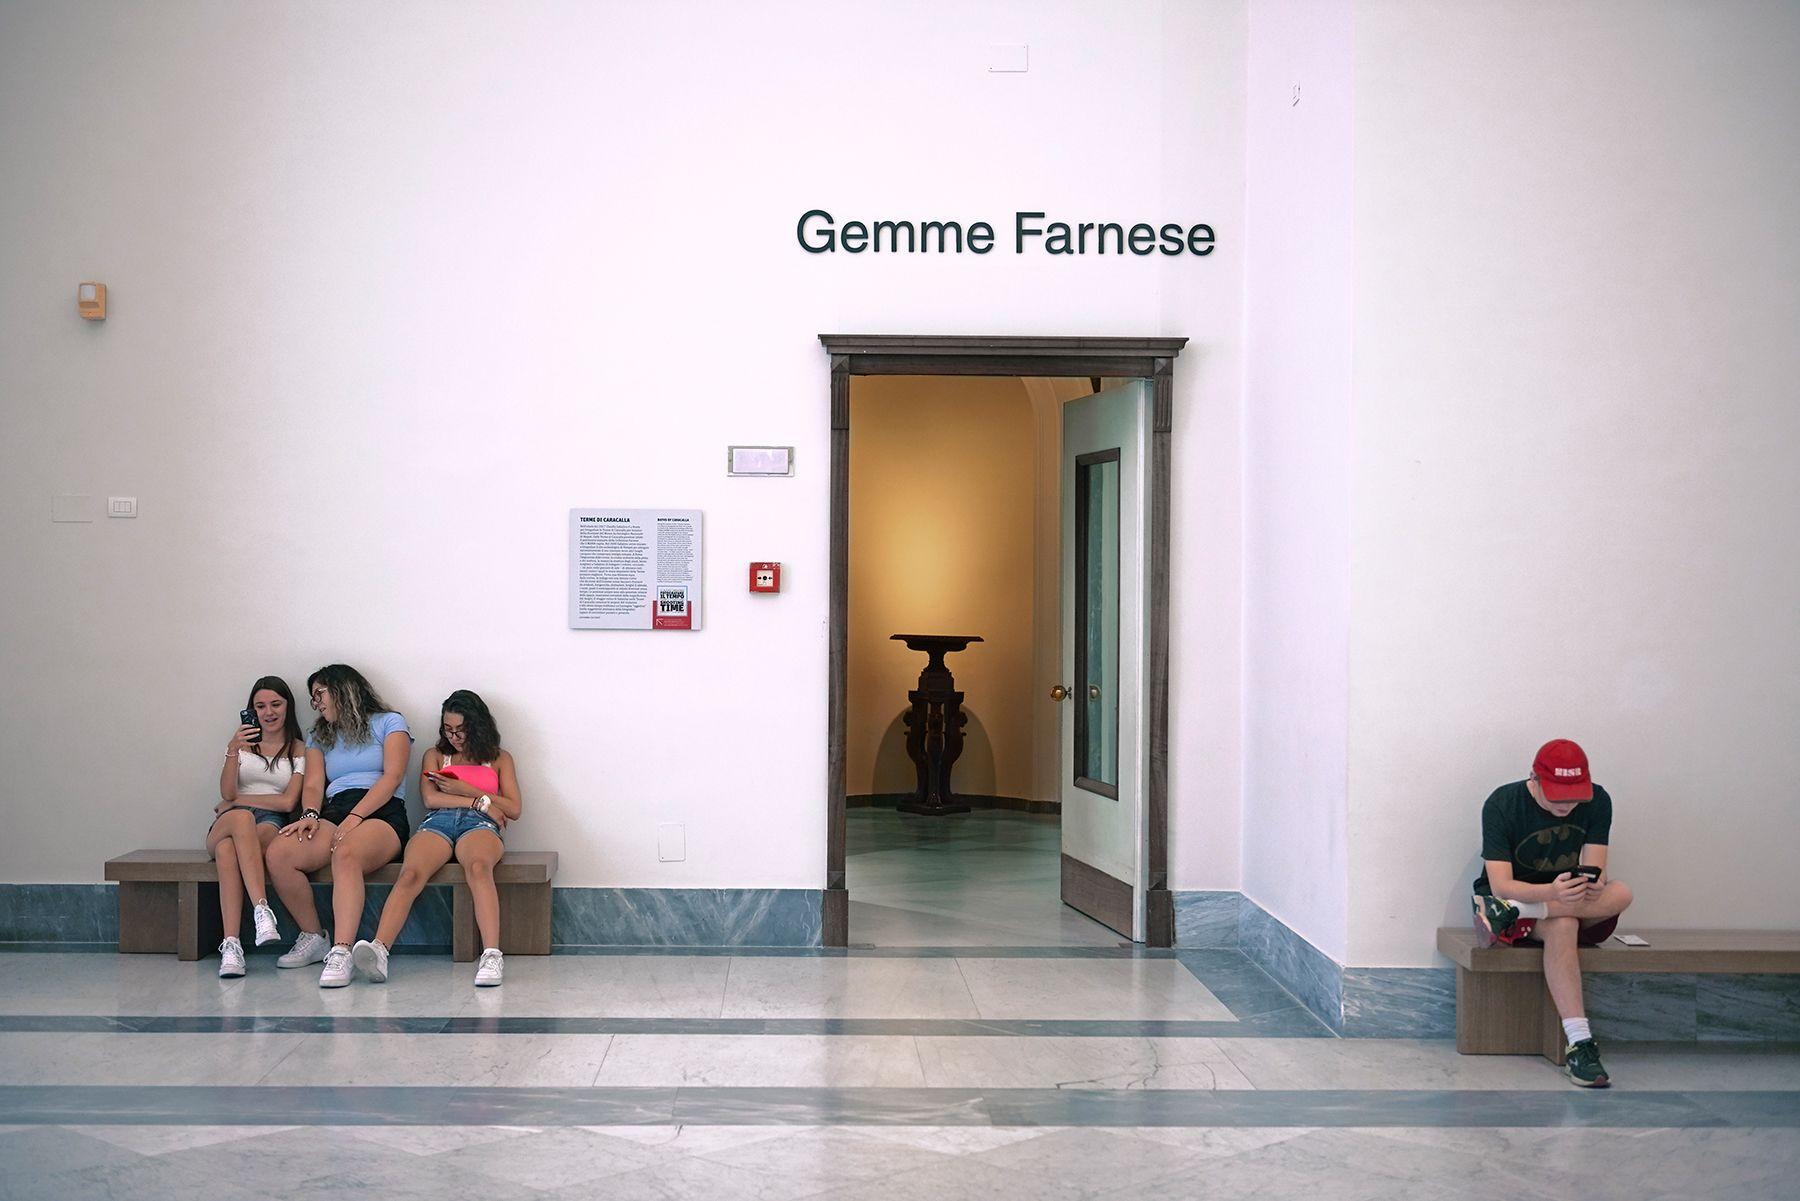 Gemme Farnese